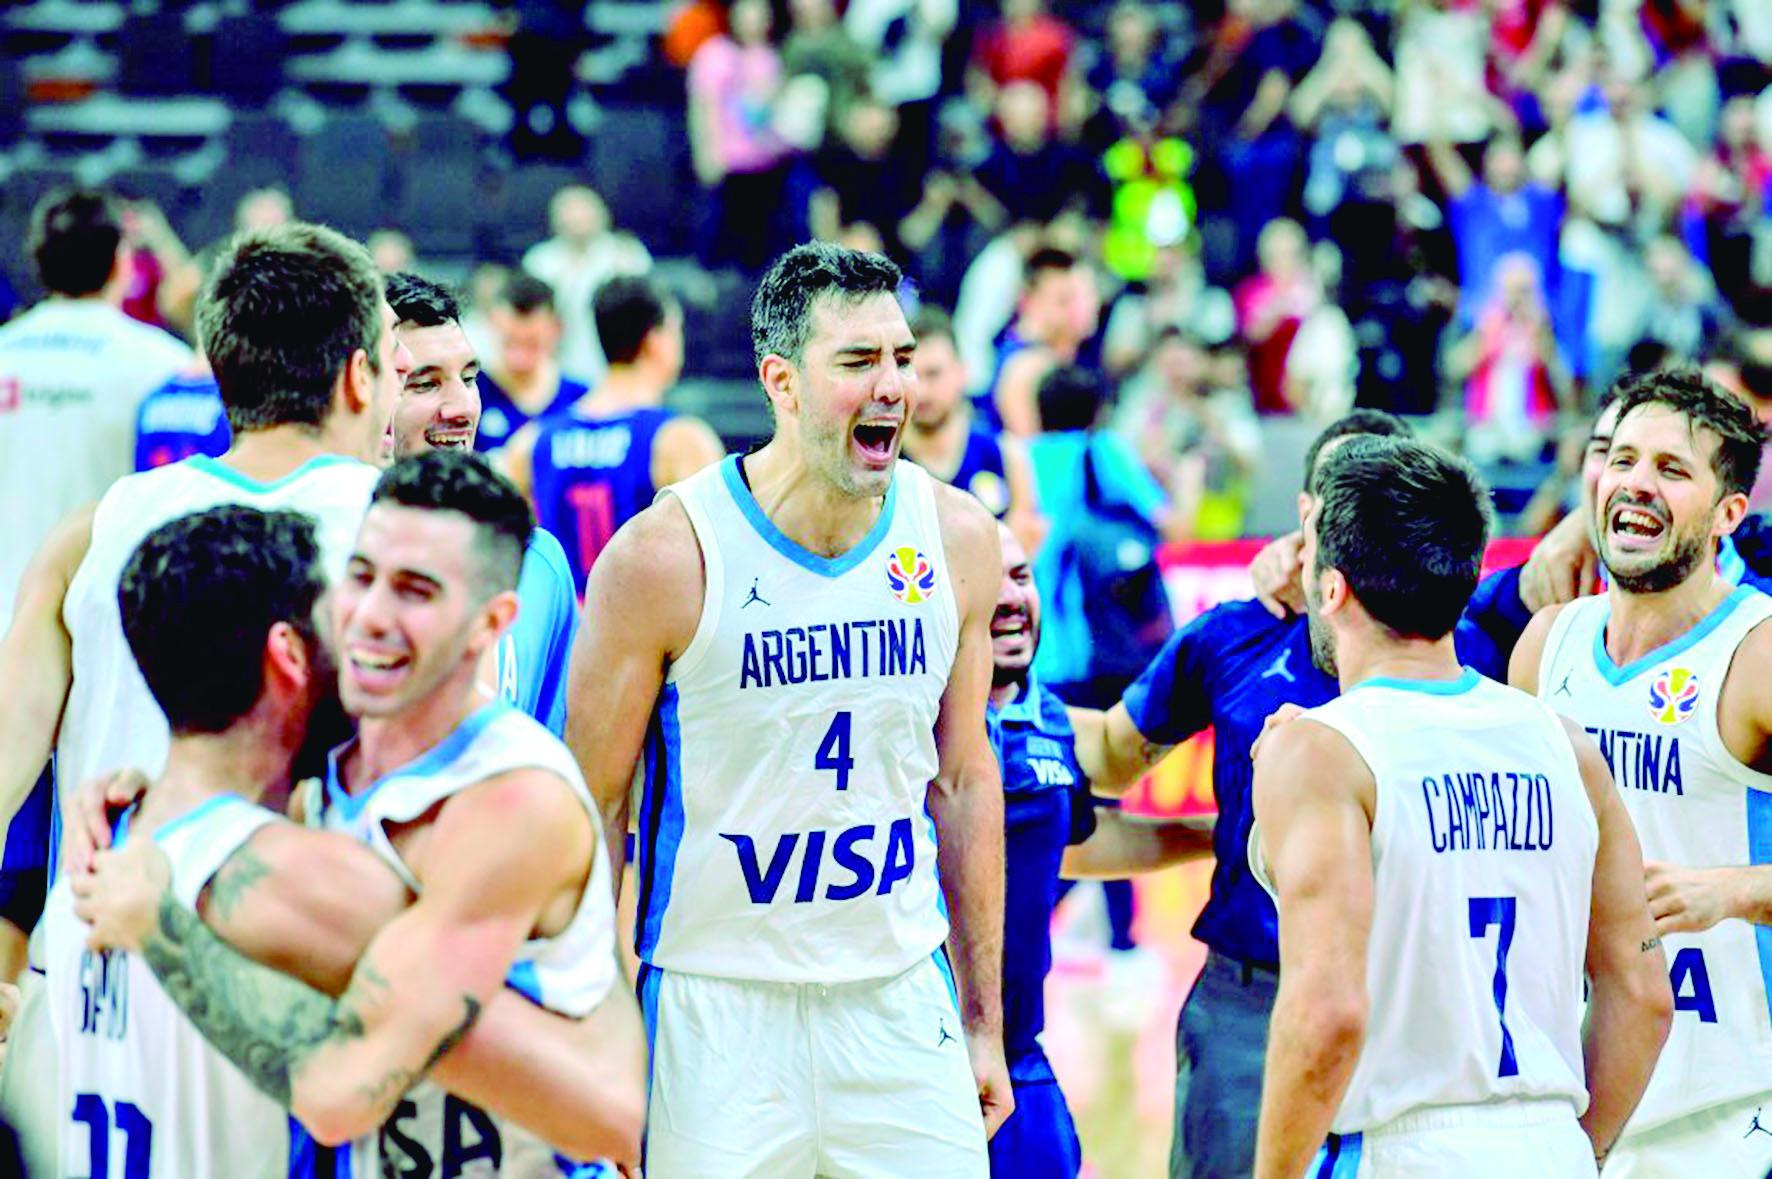 Argentina en la final del Mundial de baloncesto  | Internacional | Deportes | EL FRENTE